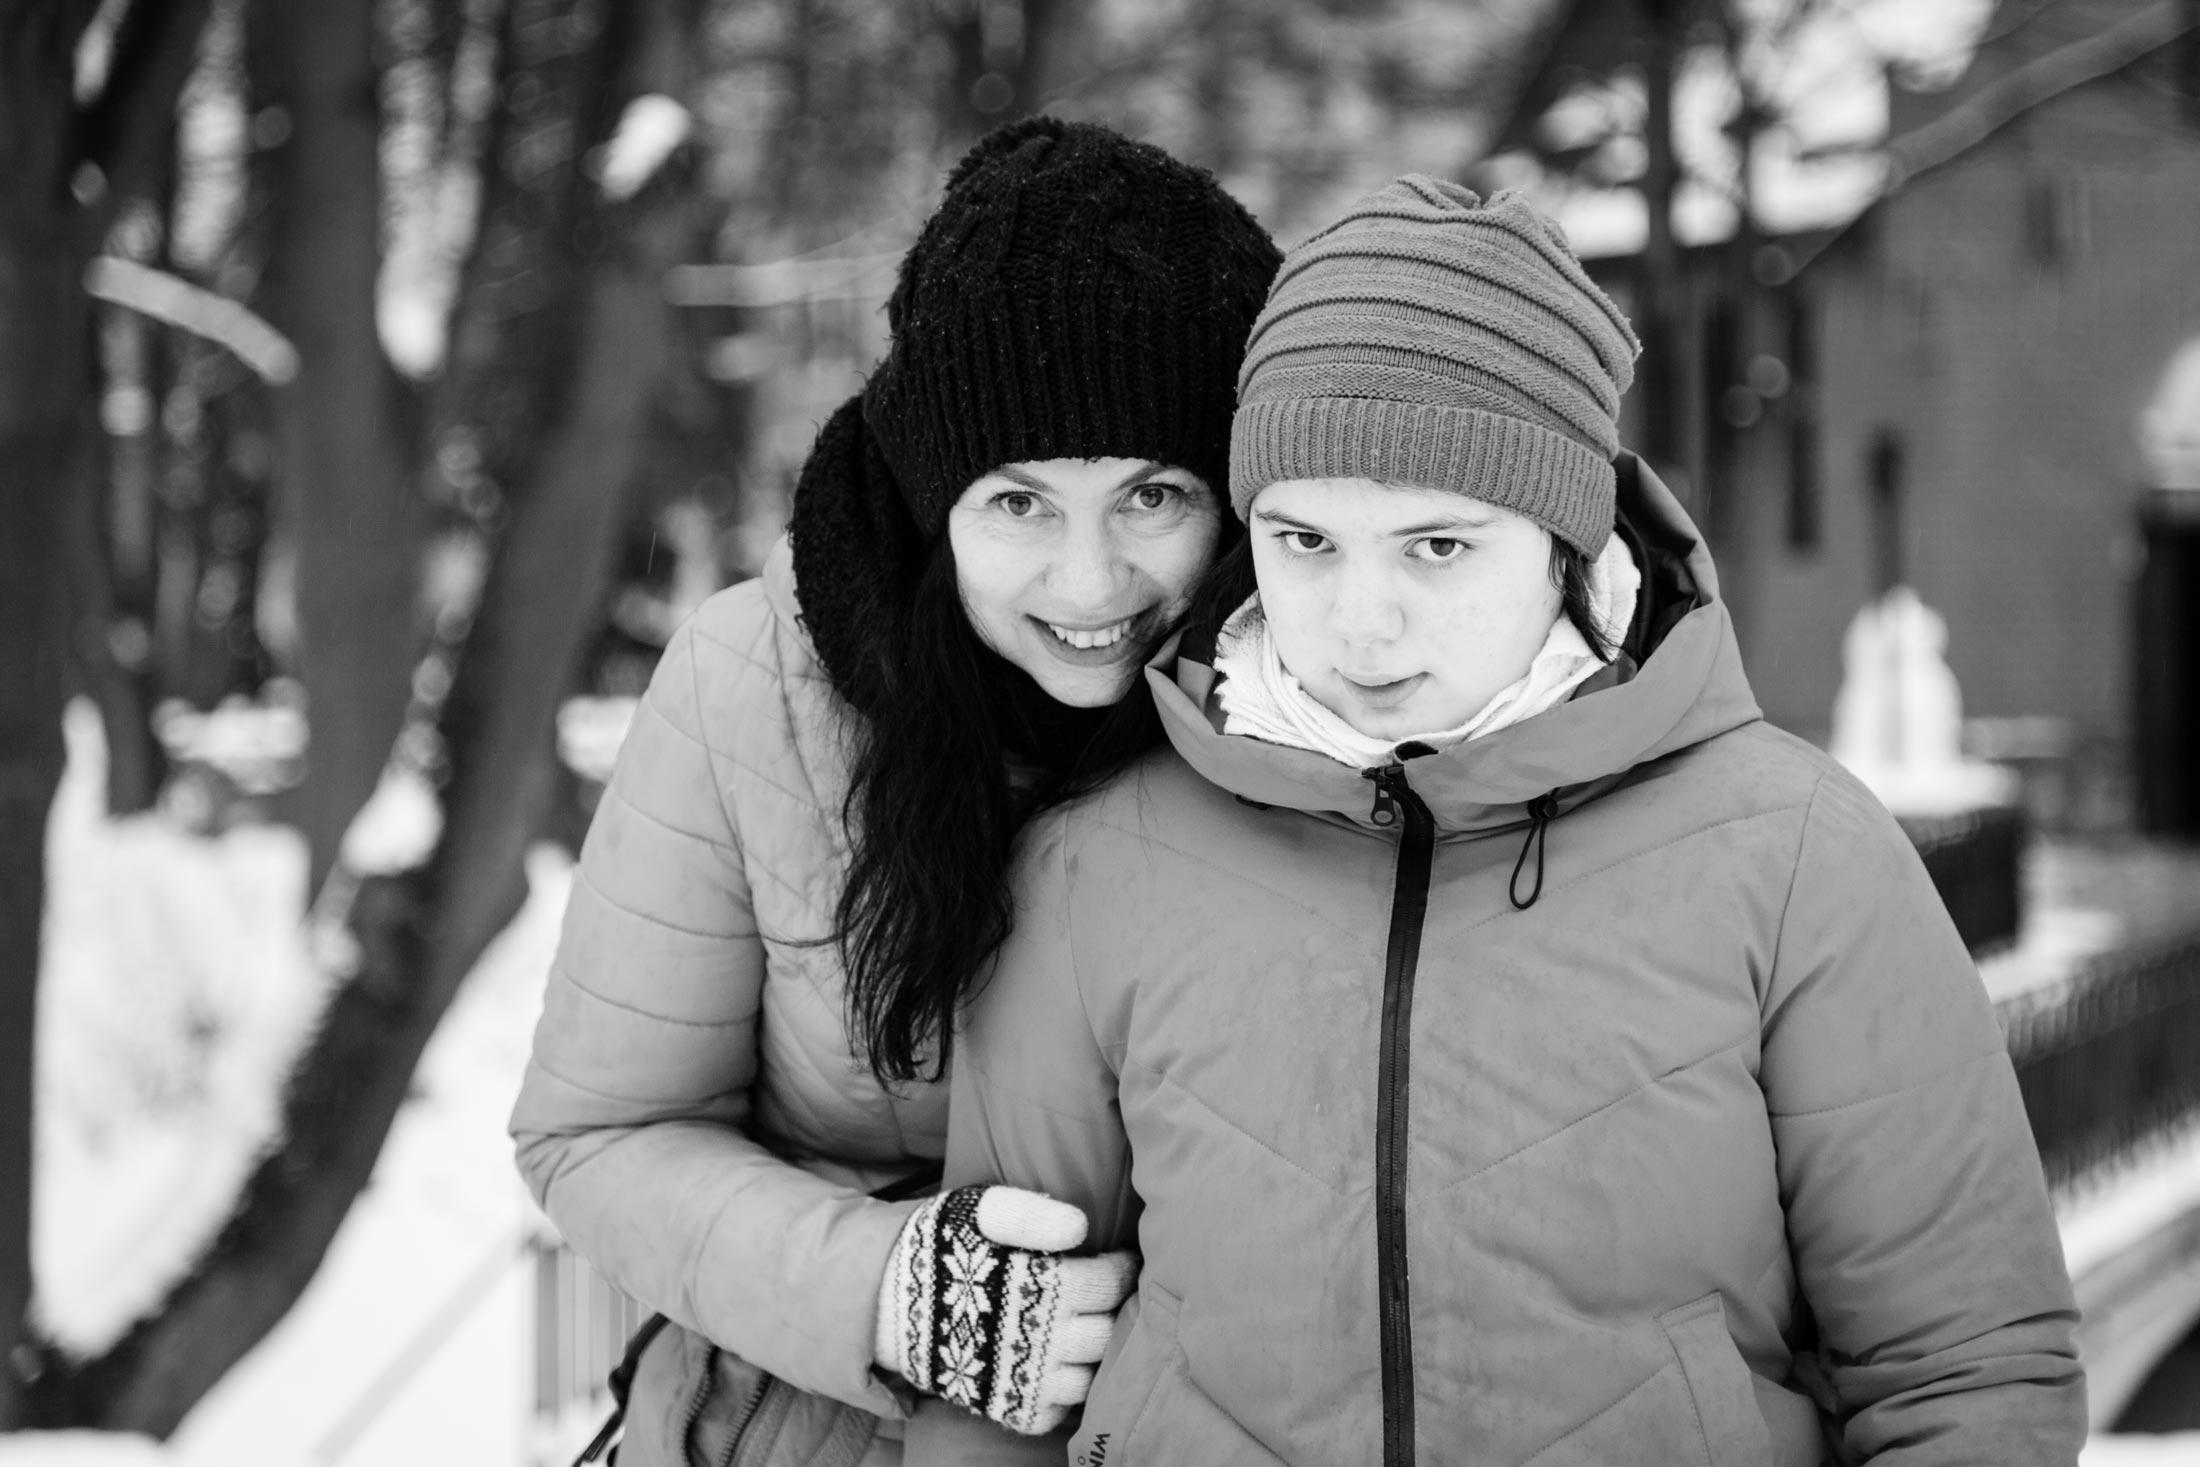 olga rybalchenko shmaliuk 02 - <b>Таке життя.</b> Як спілкуватися із батьками дітей з особливими потребами й не перетворювати розмову на щось особливе - Заборона